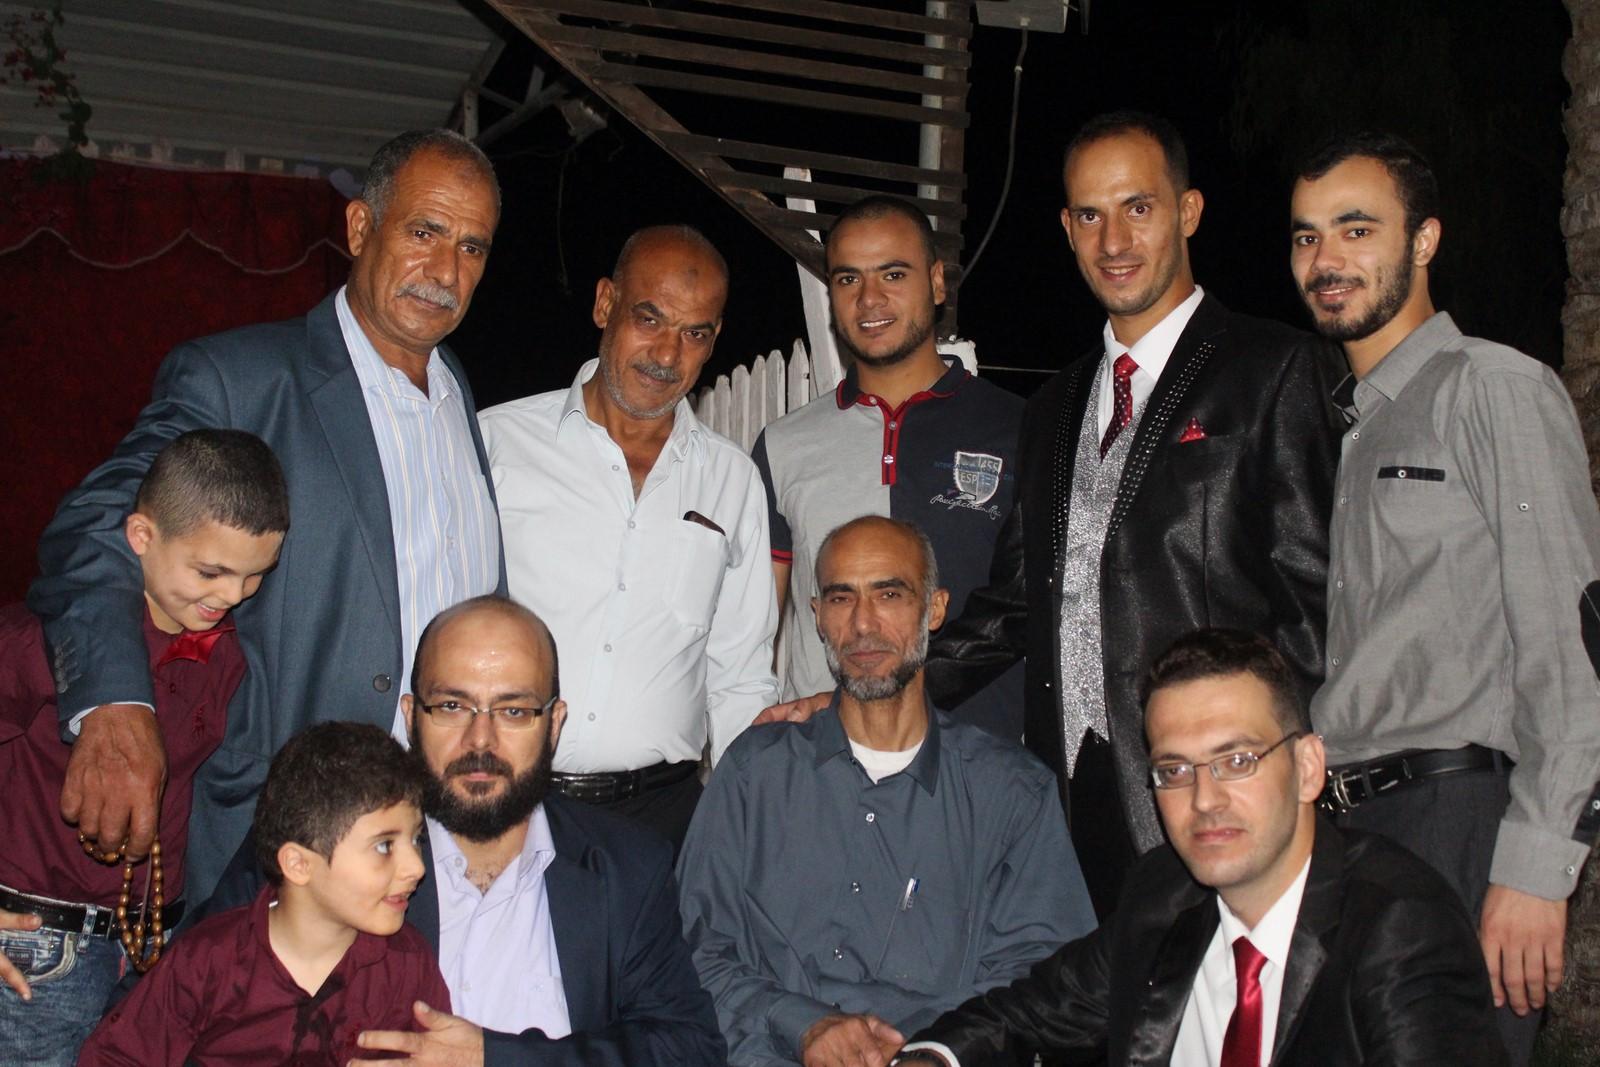 حفل زفاف أ.صبري حسن فضل الفرا